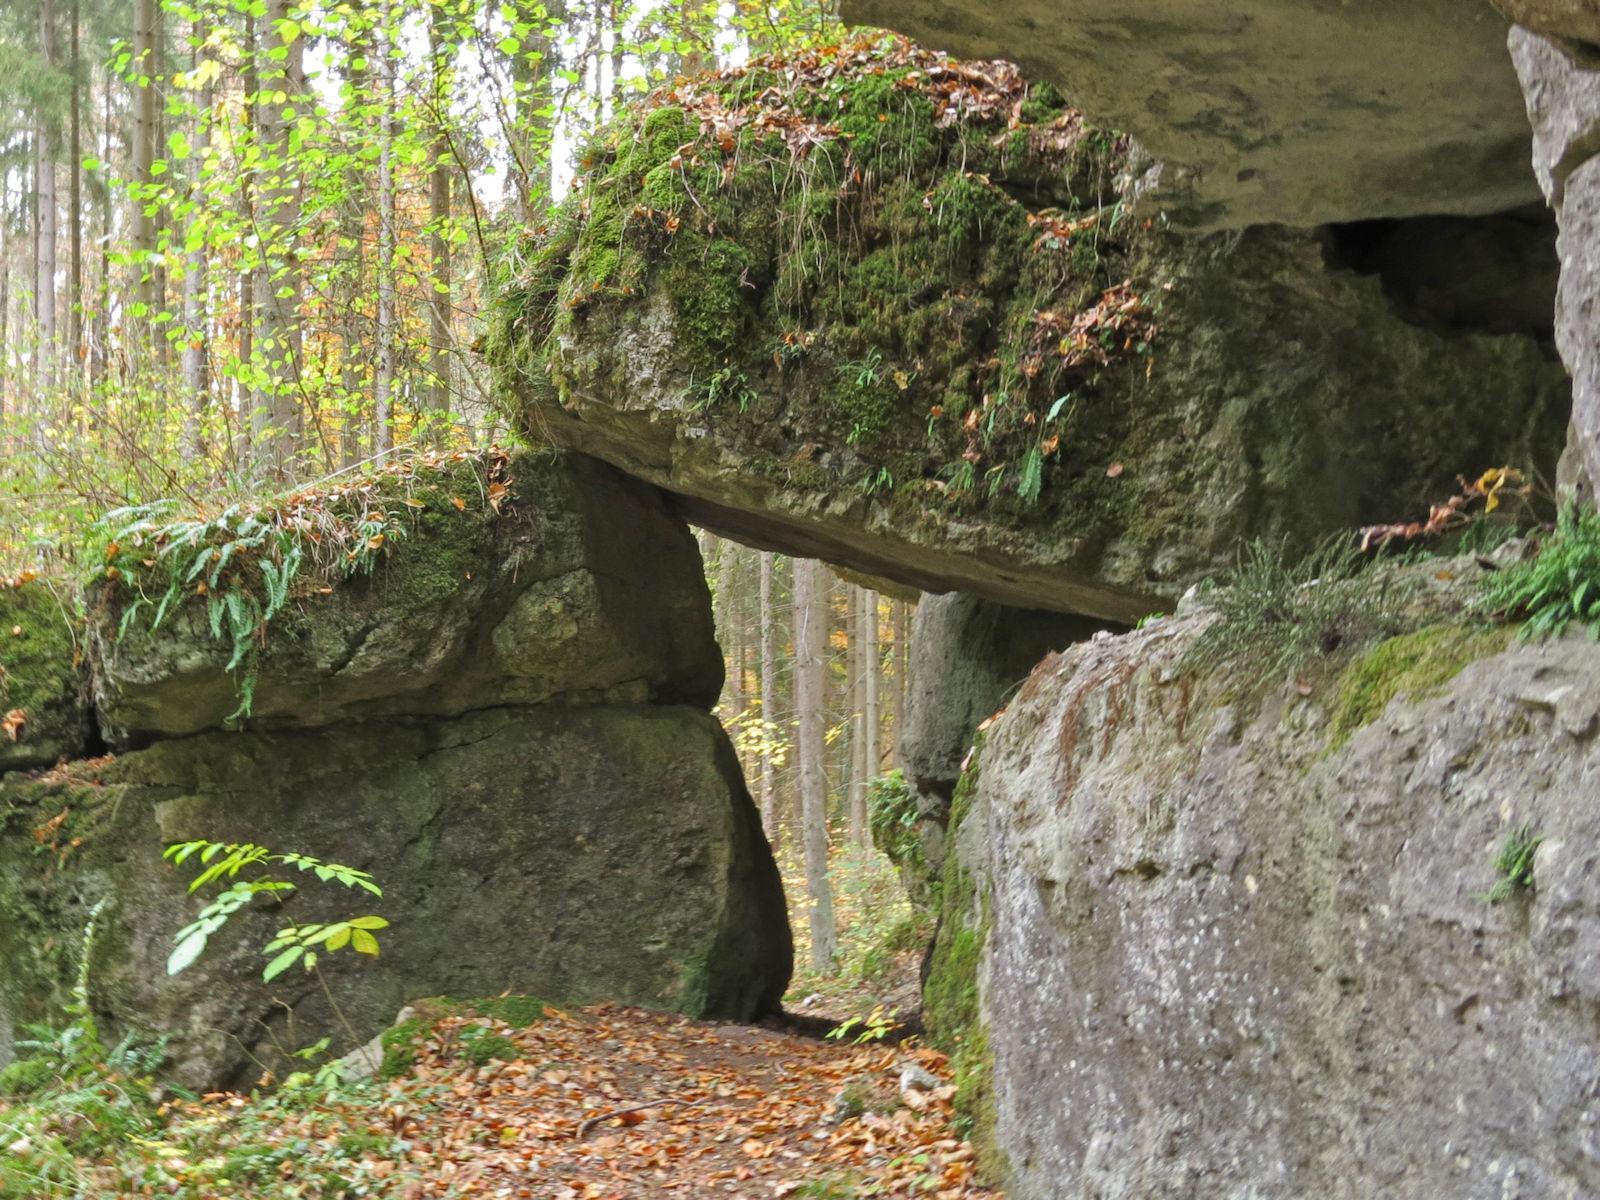 Unteres Gleitstein-Felsentor aus Dolomit am Ostrand des Hummersgrabens